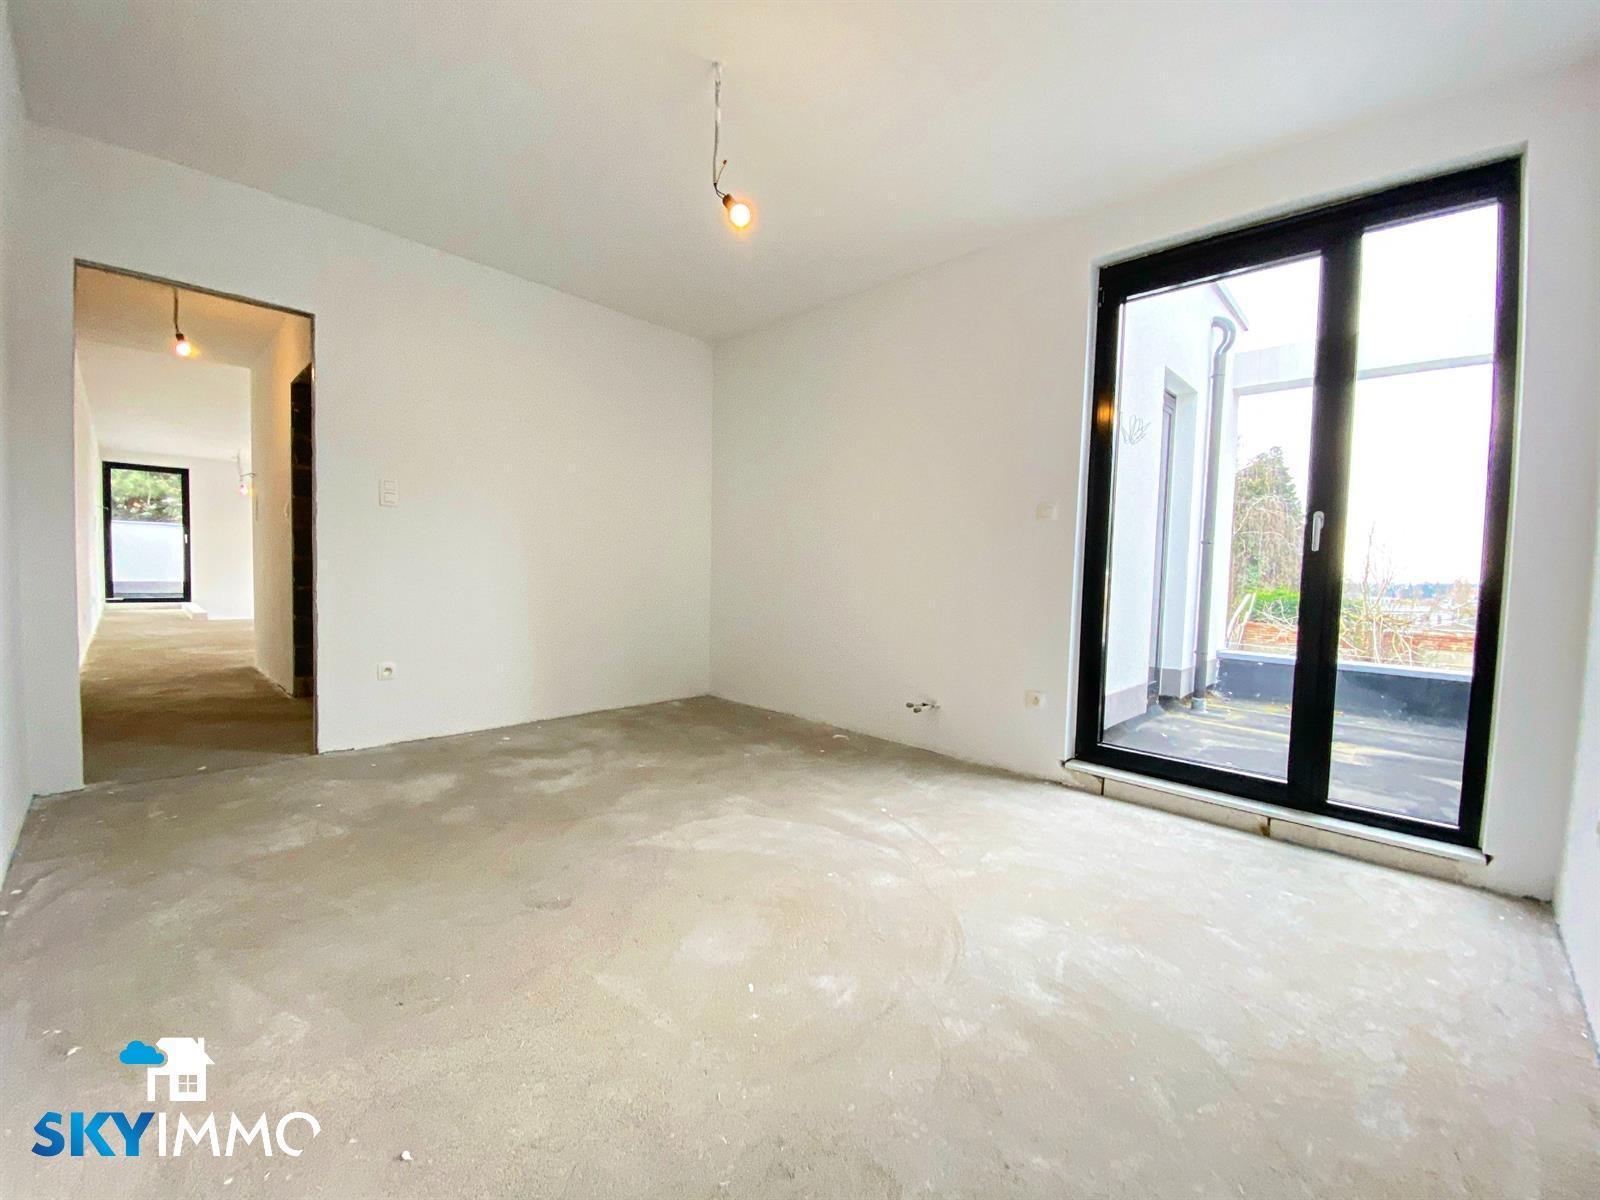 Maison unifamiliale - Saint-Nicolas Montegnée - #4363207-12